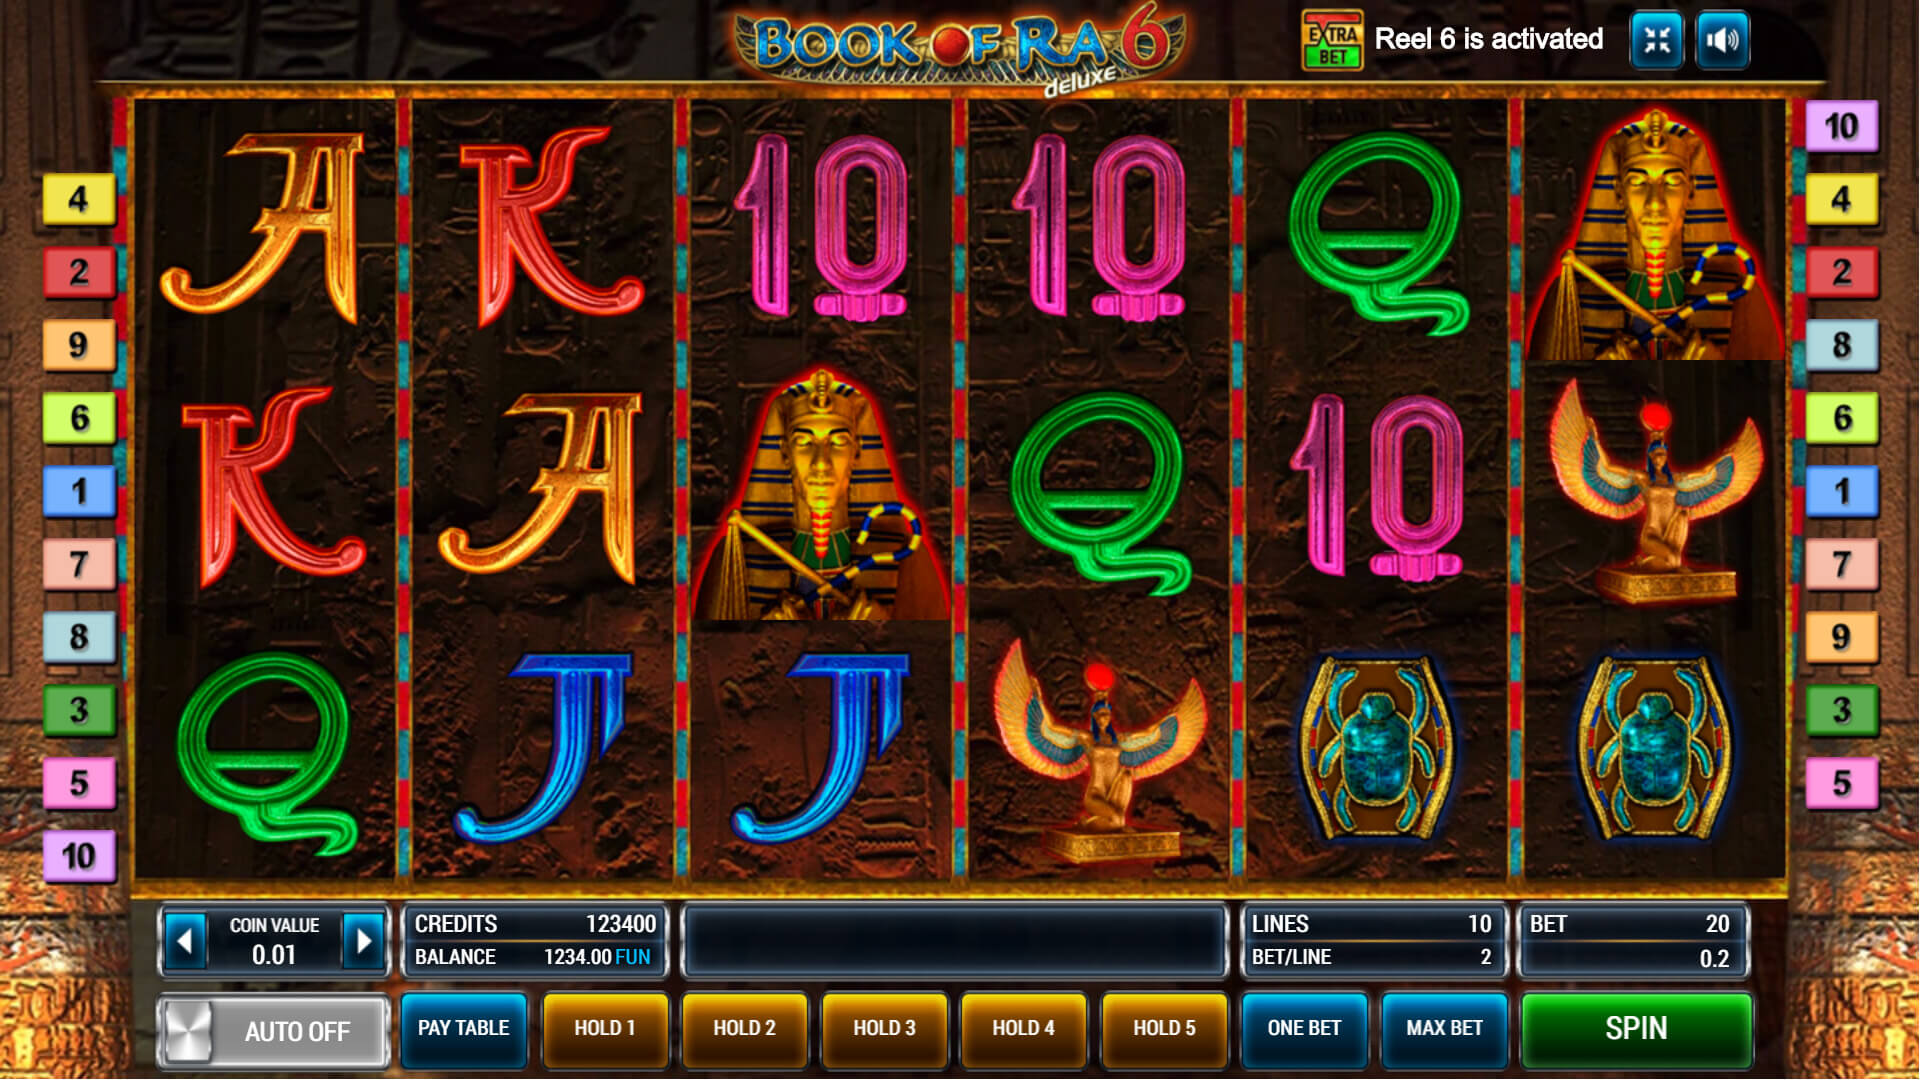 Изображение игрового автомата Book of Ra Deluxe 6 1